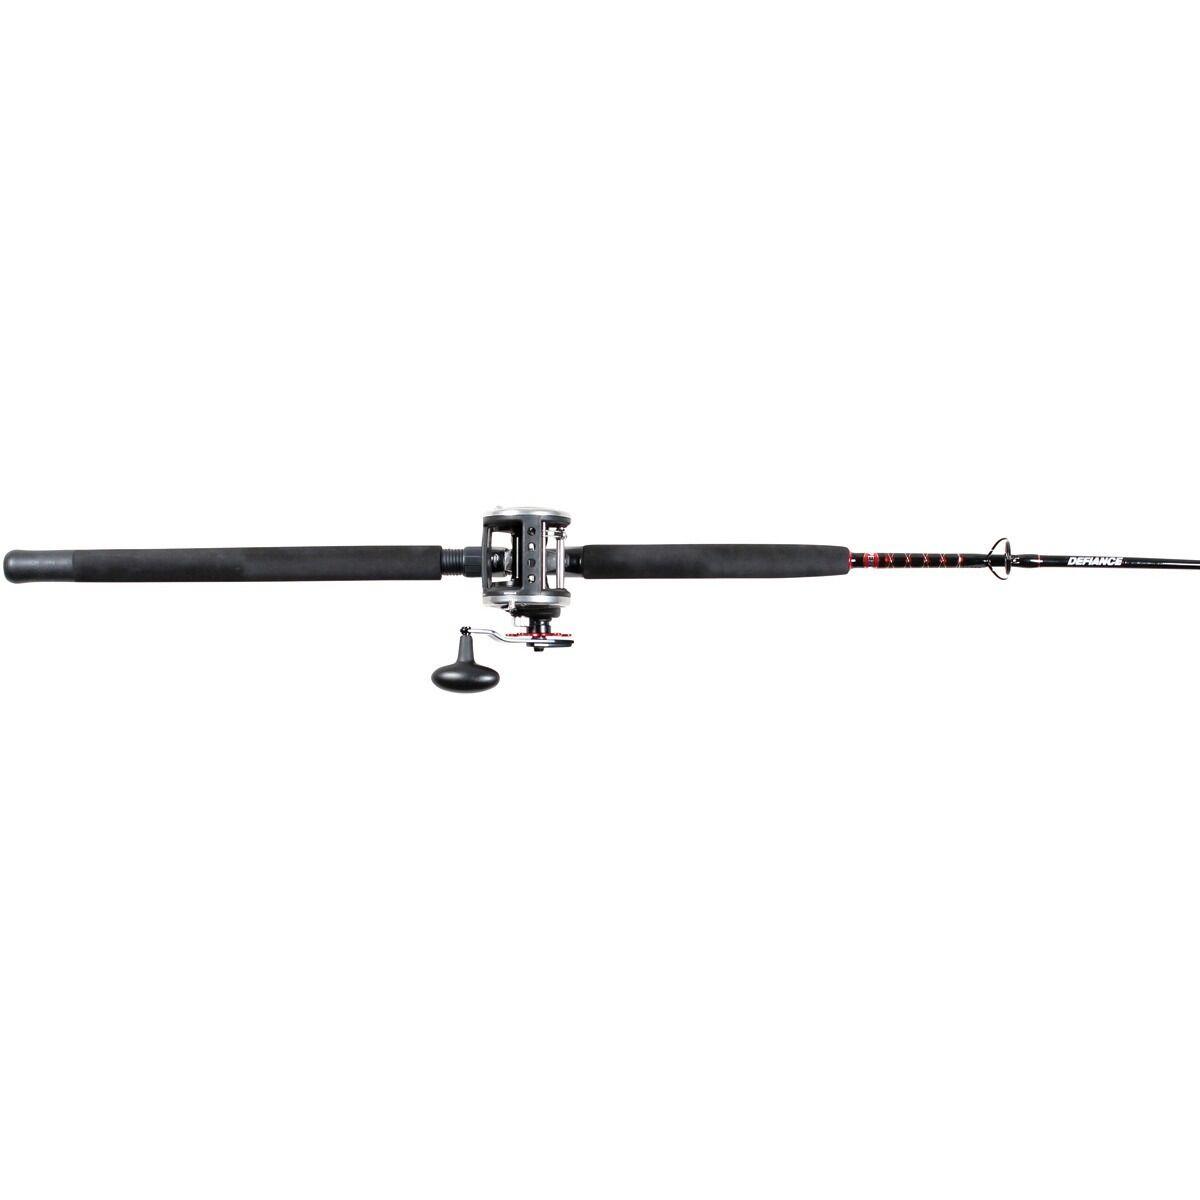 Penn Defiance Overhead 5'6'' 1 Piece 10-15KG Rod Only + Brand New + Warranty